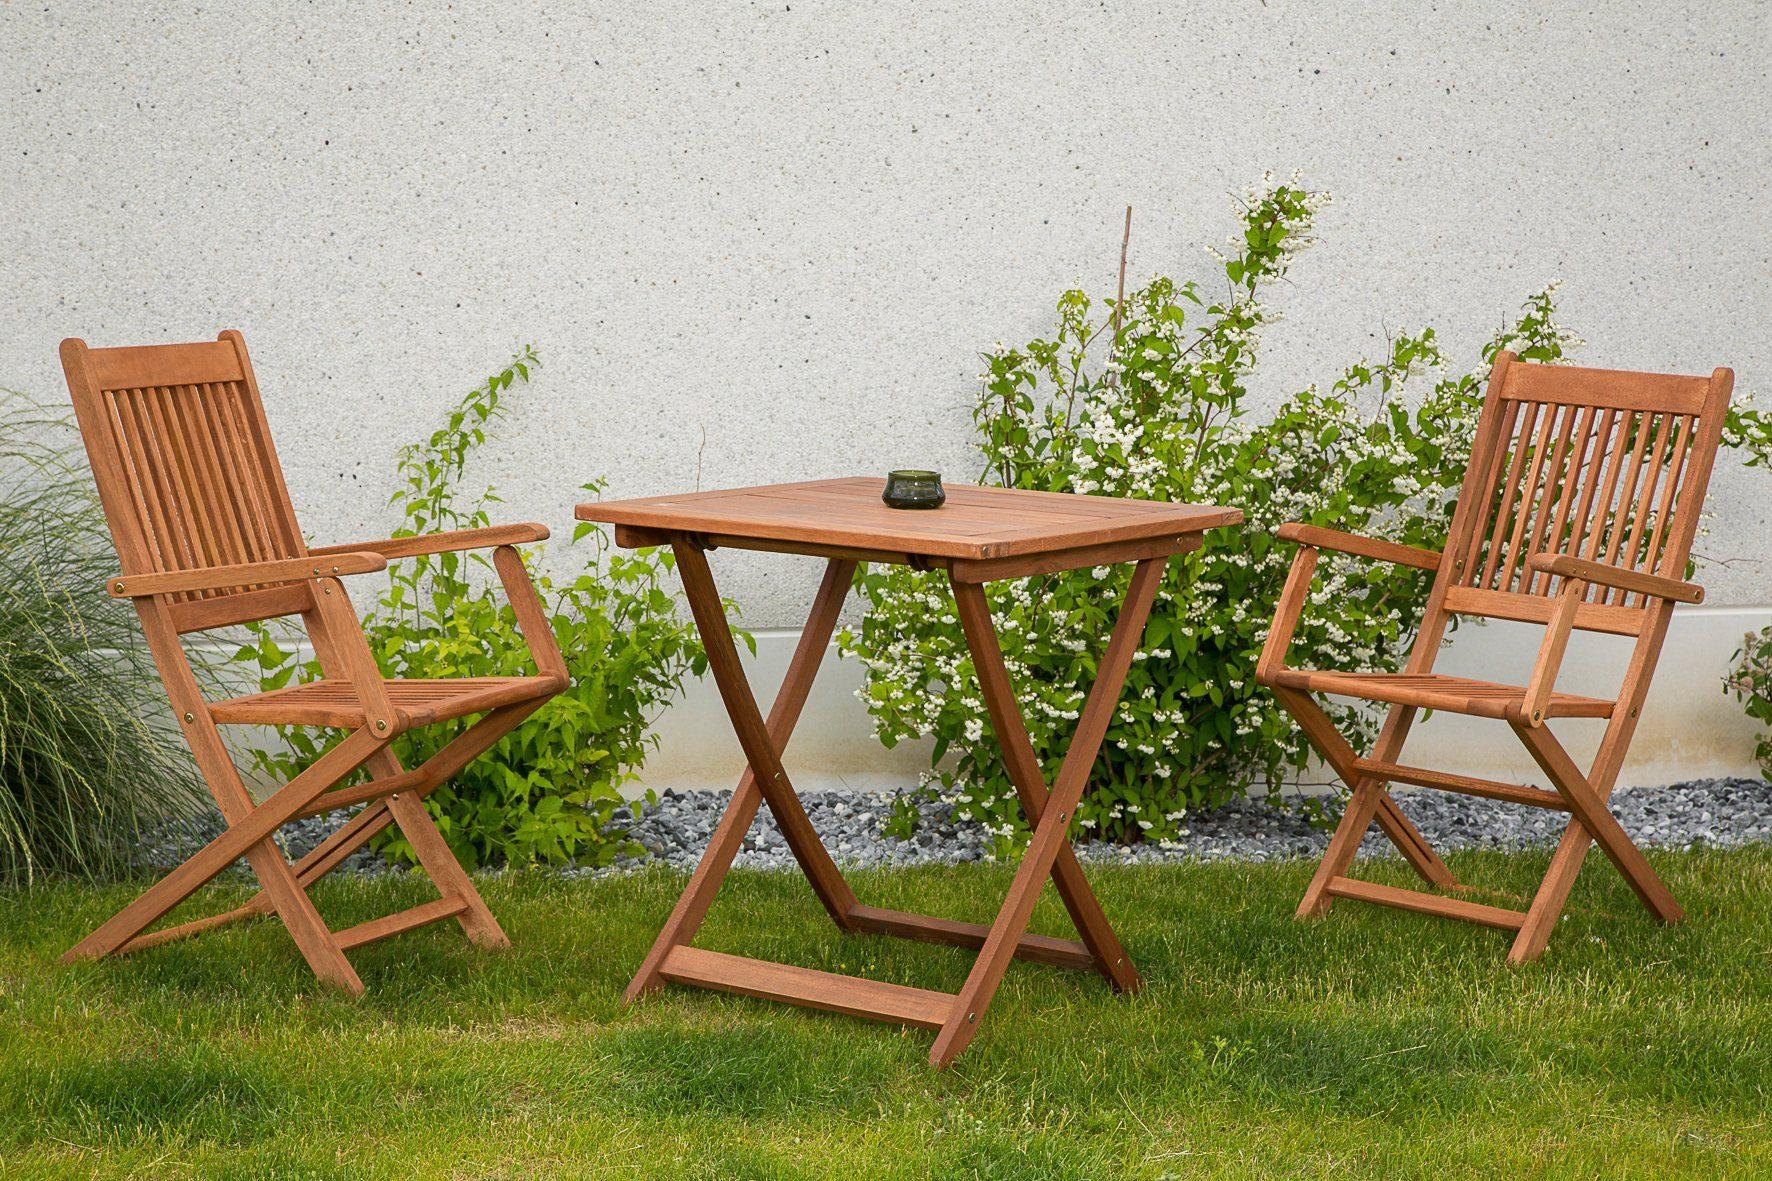 MERXX Gartenmöbelset »Rio«, 3tlg., 2 Sessel, Tisch, klappbar, Eukalyptusholz